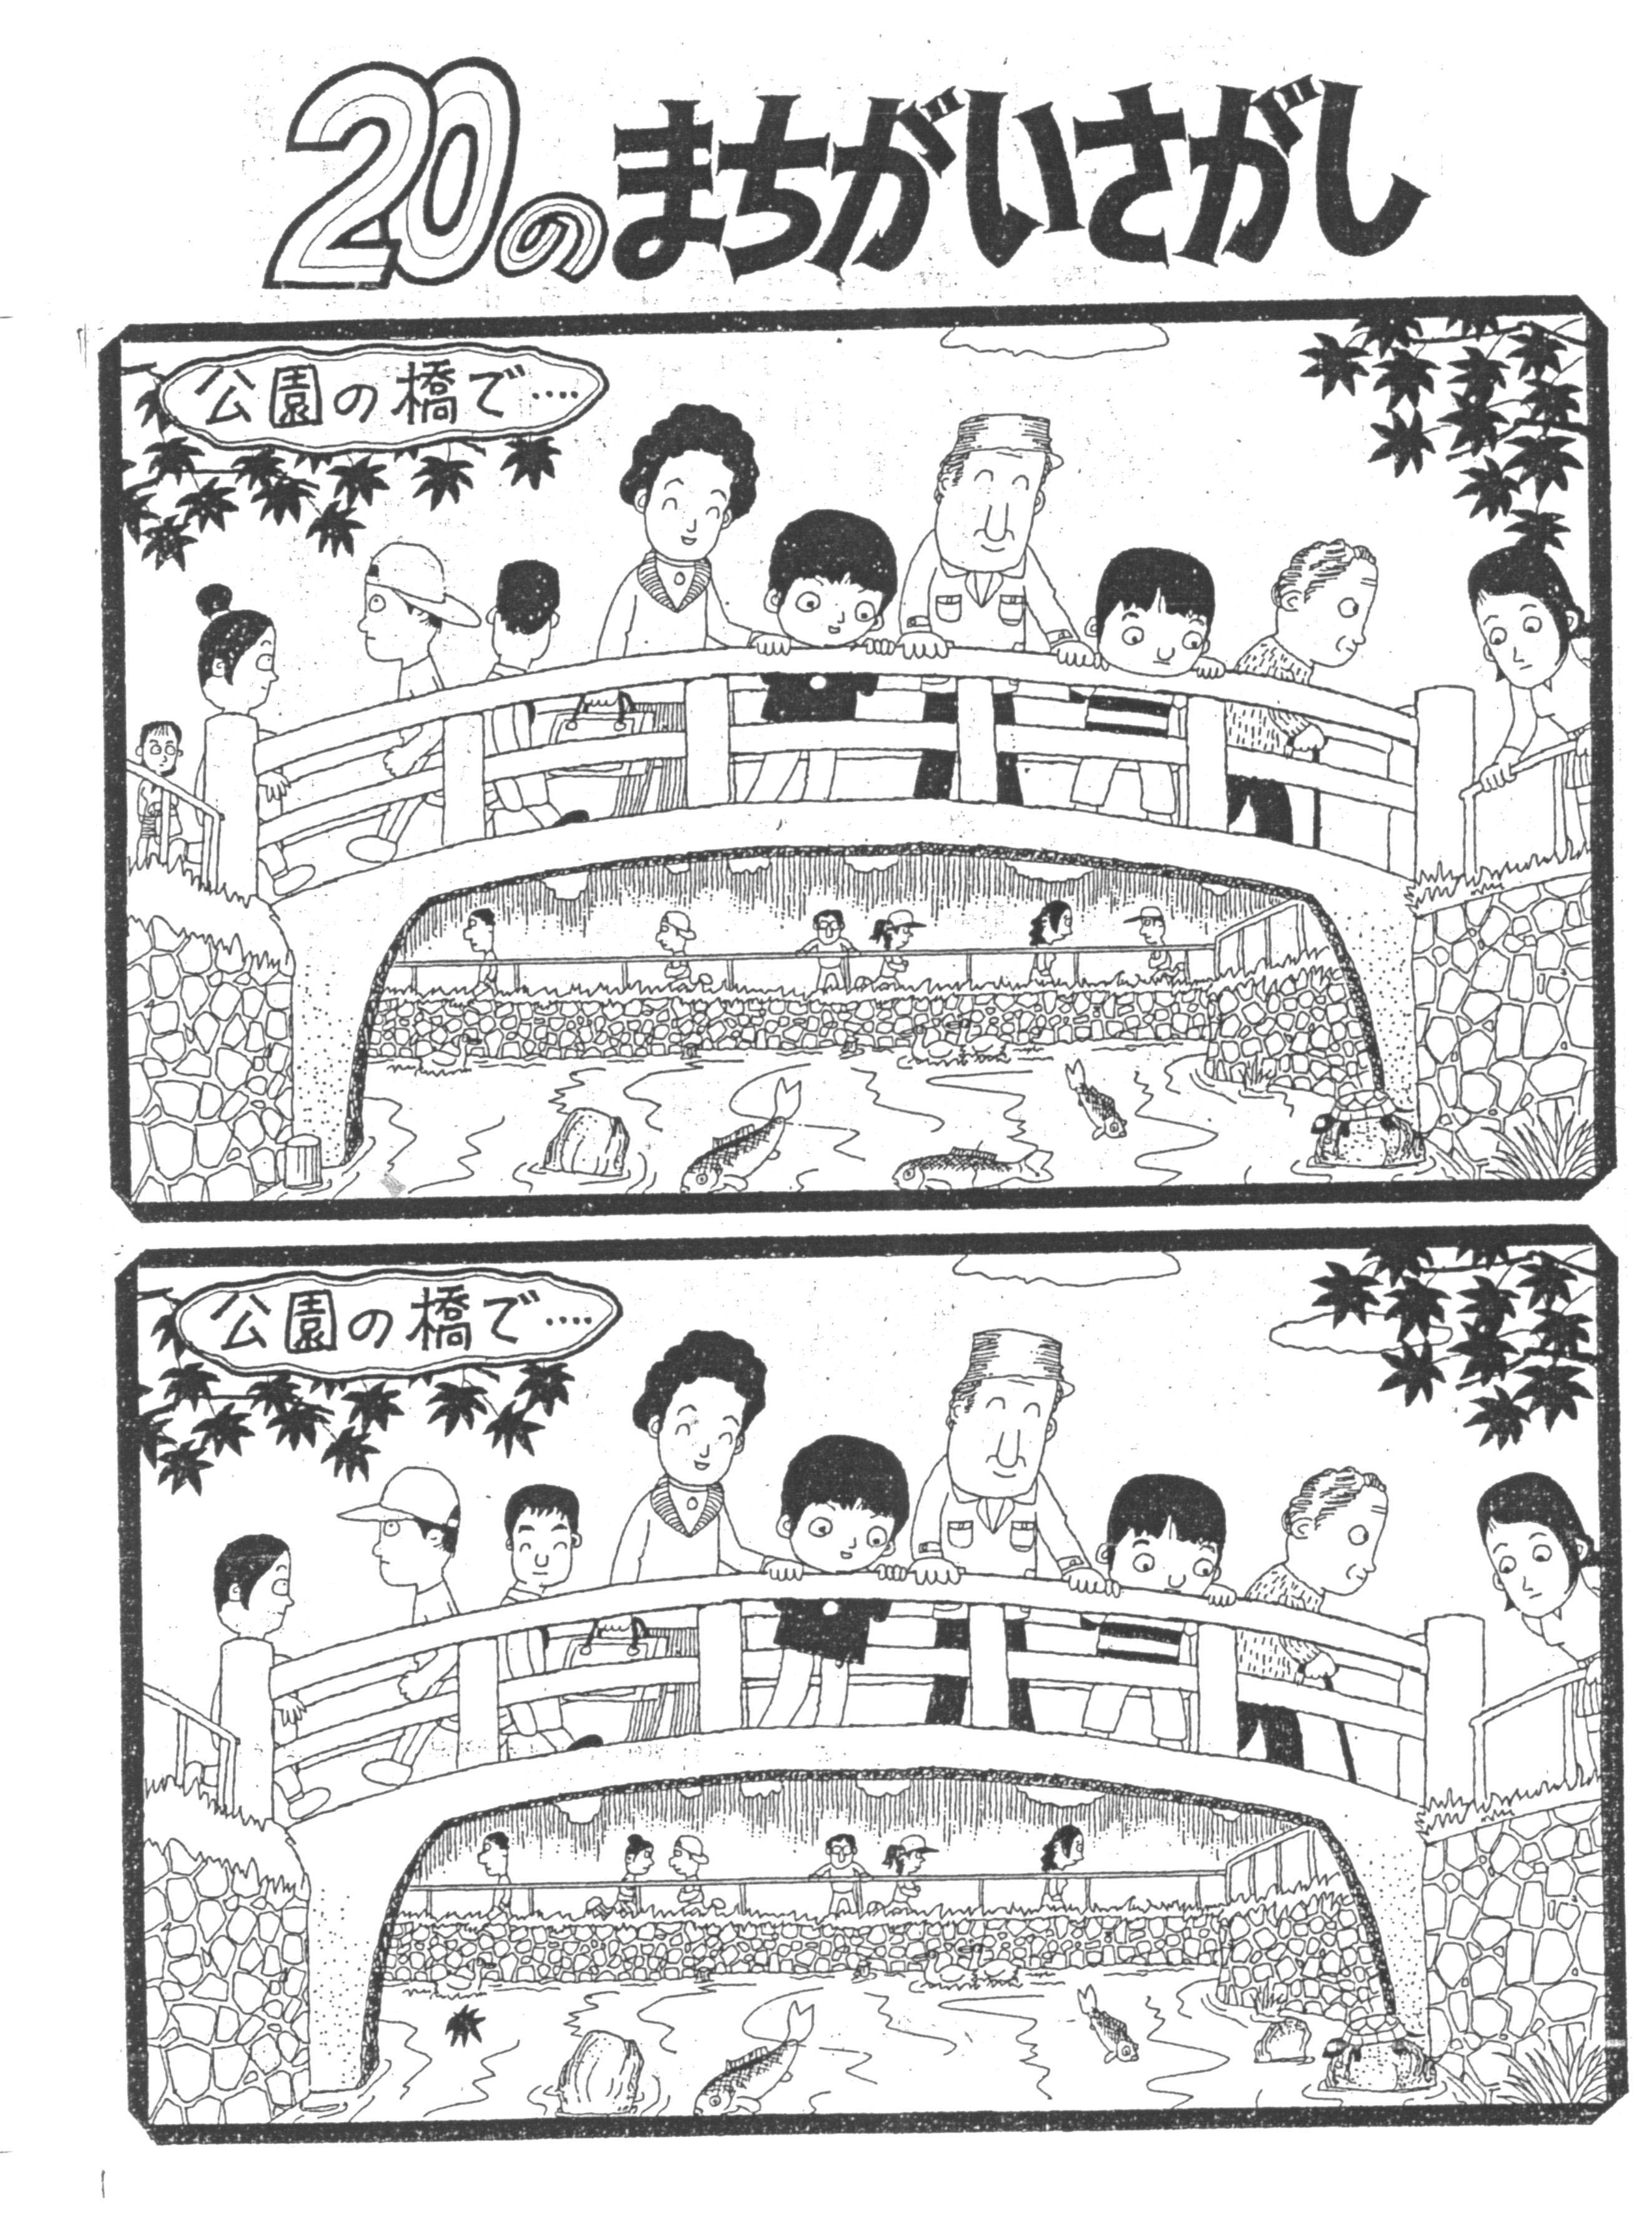 北海道フェアin代々木 関連する ... : プリント イラスト : イラスト